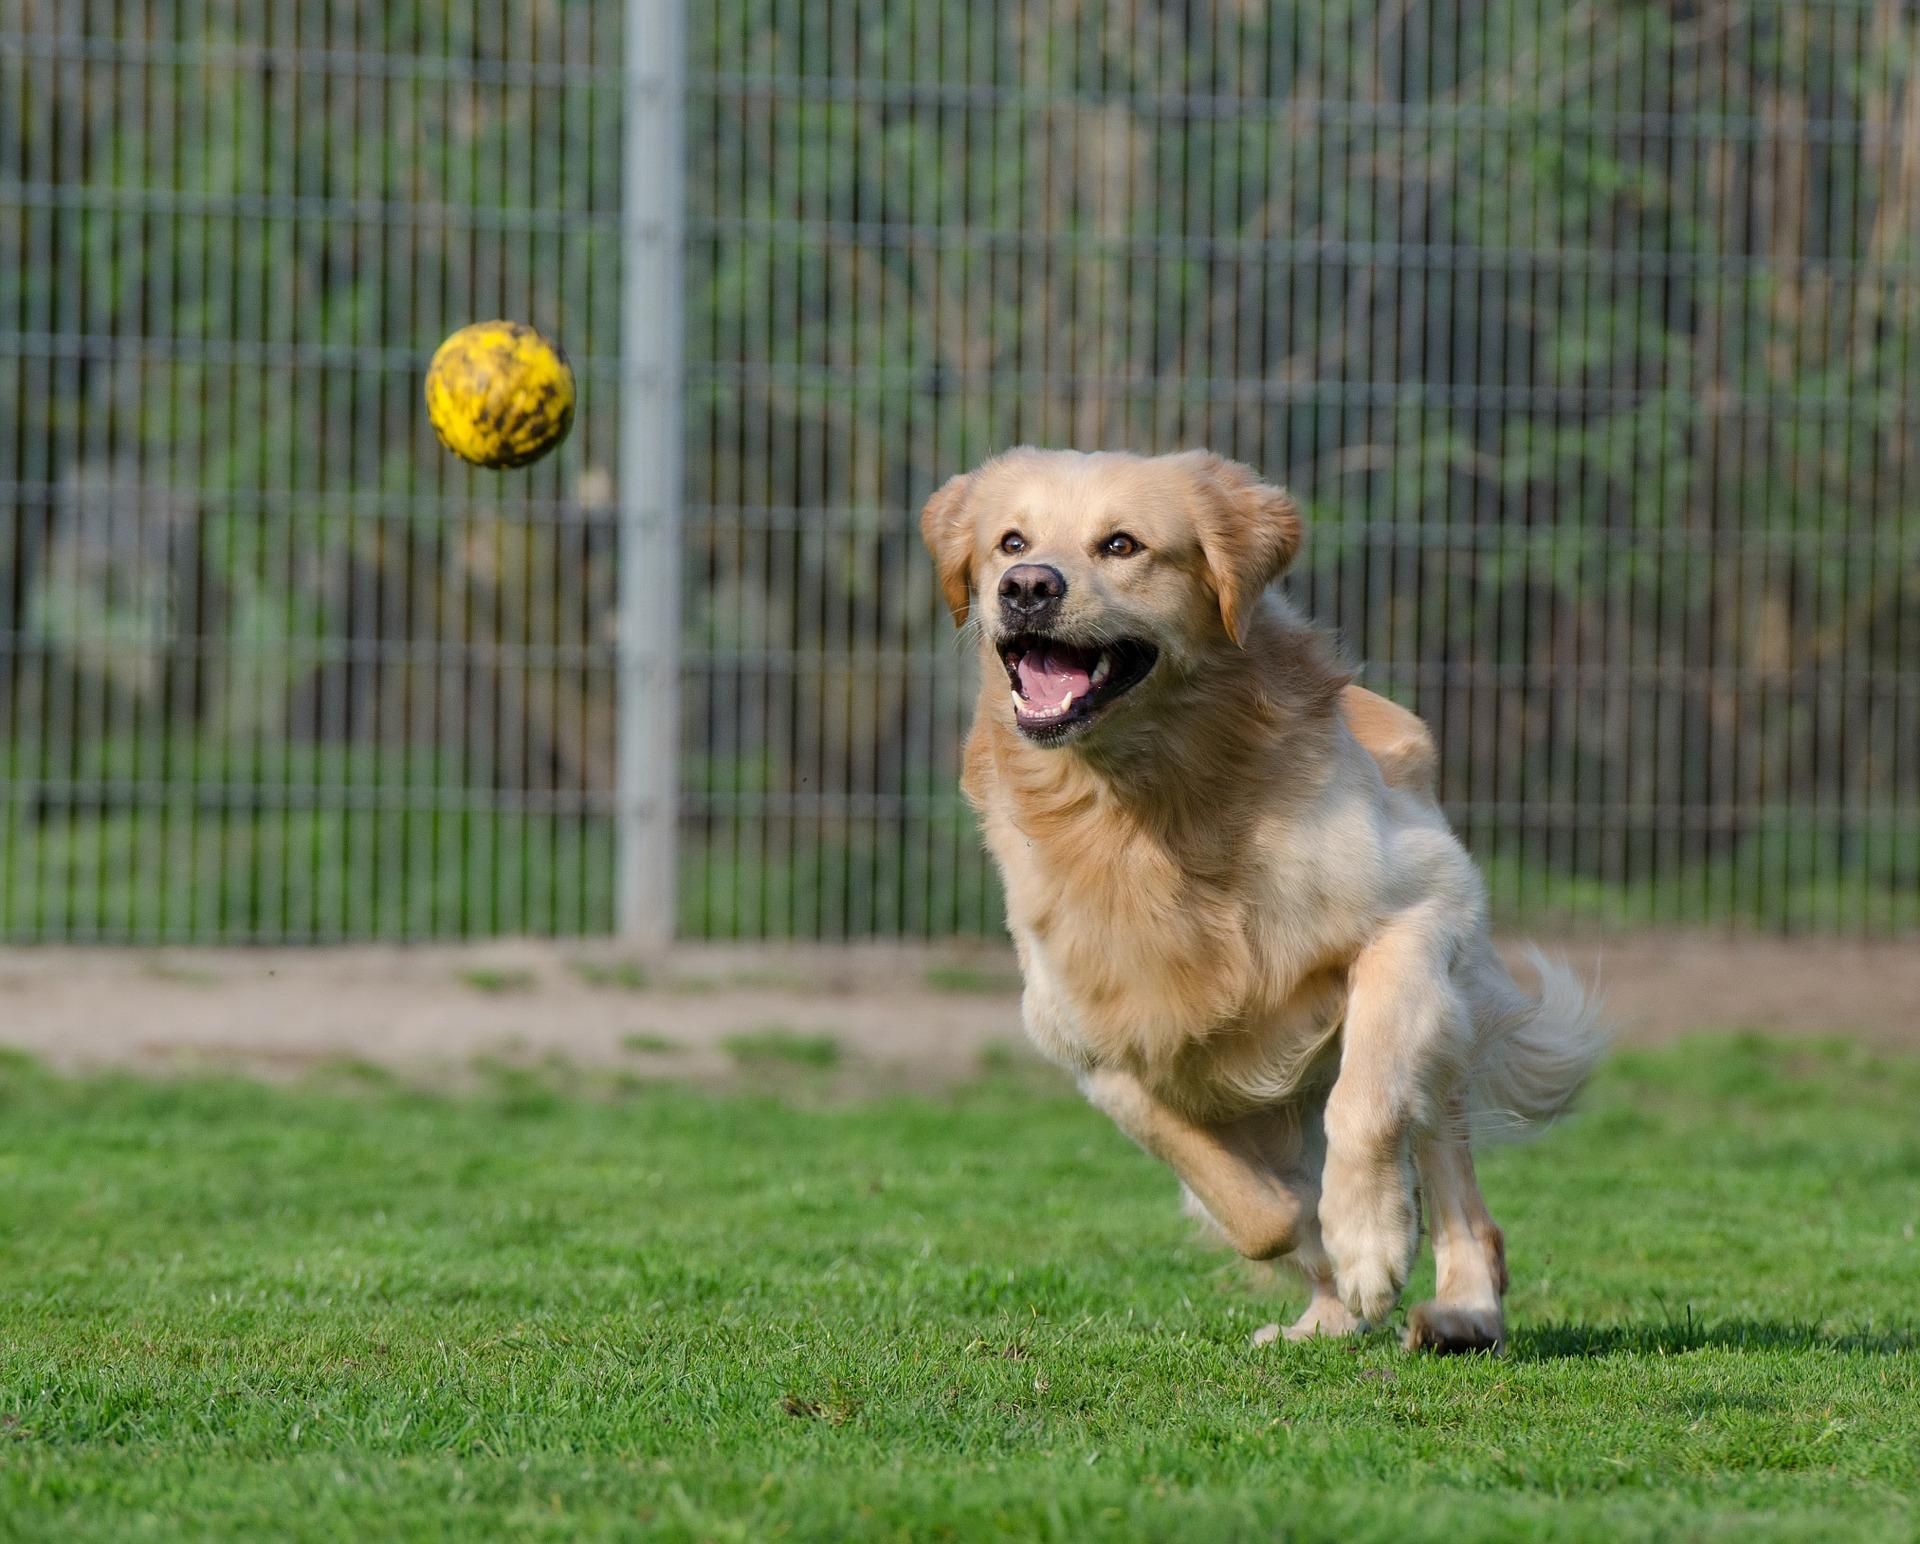 cane che corre per prendere palla